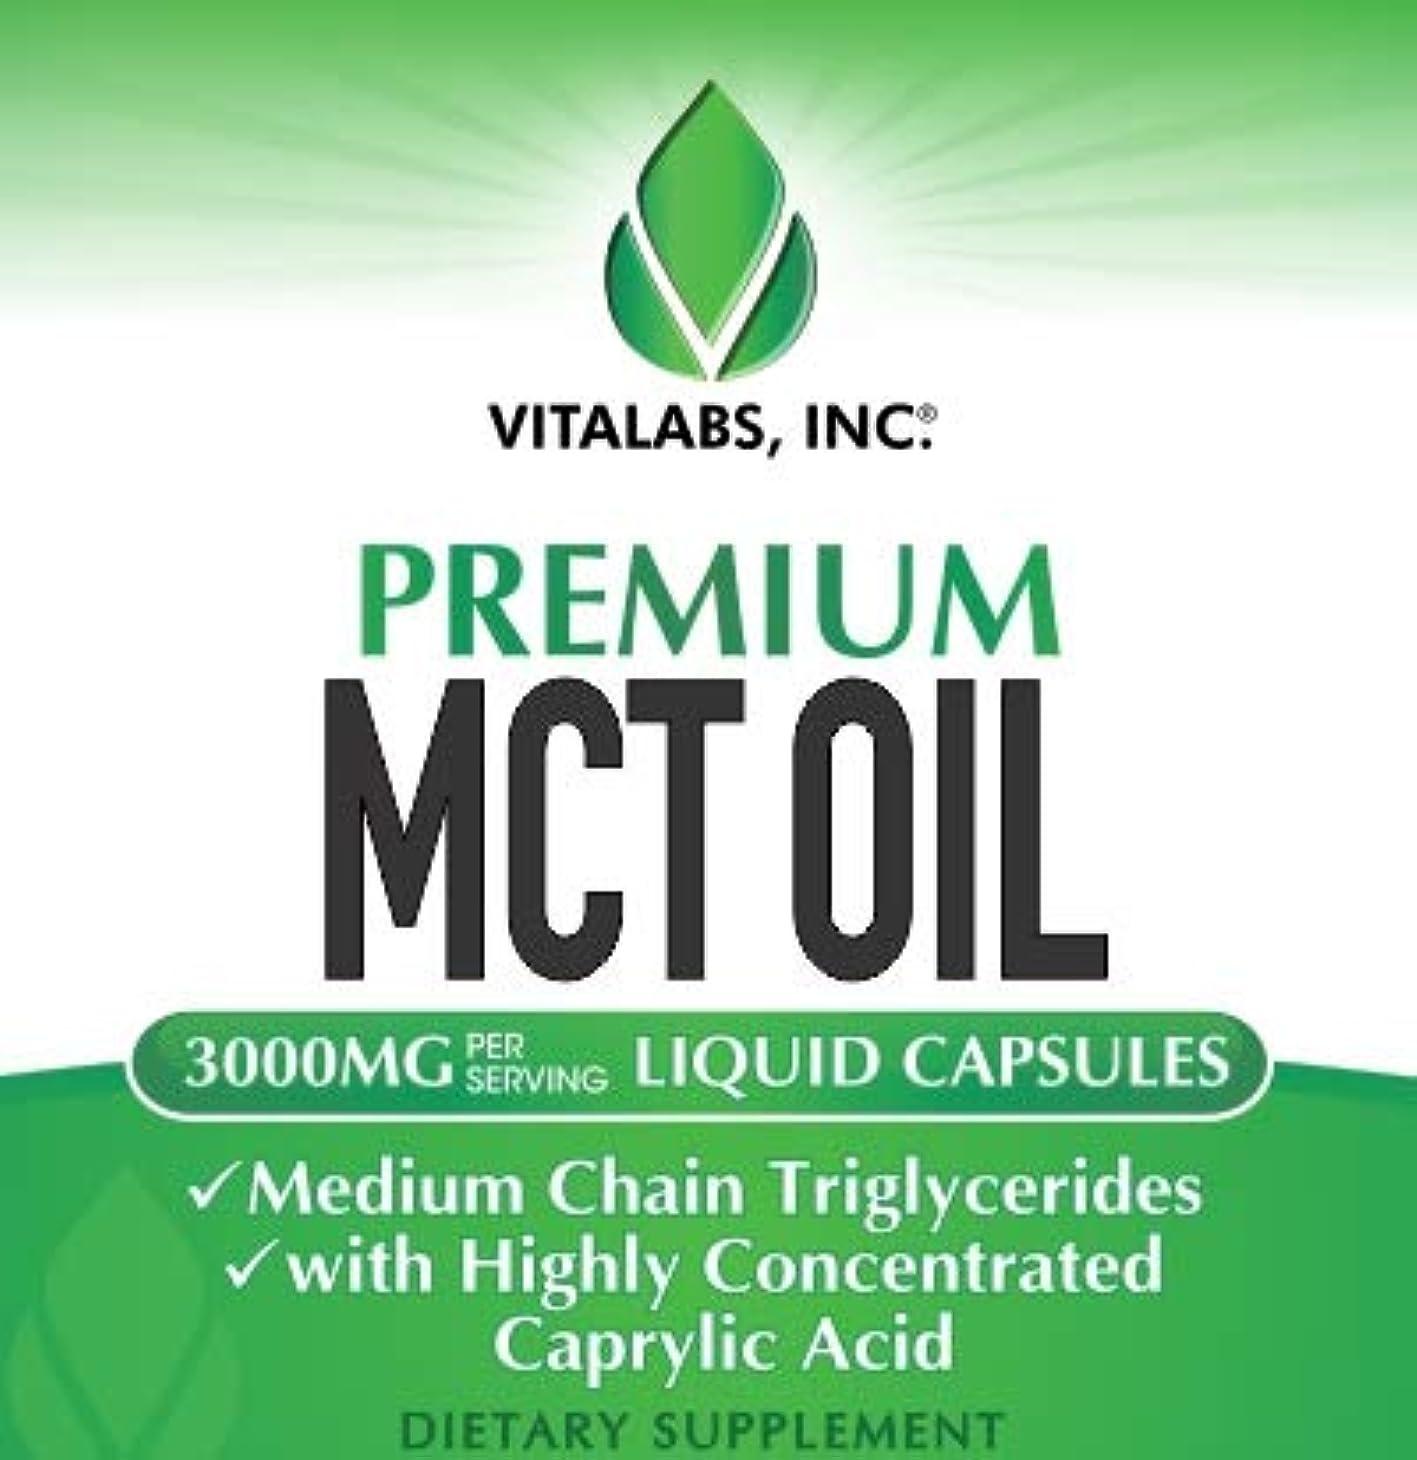 船尾パスポート手のひら取りやすいジェルカプセルタイプ?ココナッツ由来-MCT オイル/3000mg(1Serving=4カプセル) 120Capsules 【Vitalabs.MCT Oil】 (1)